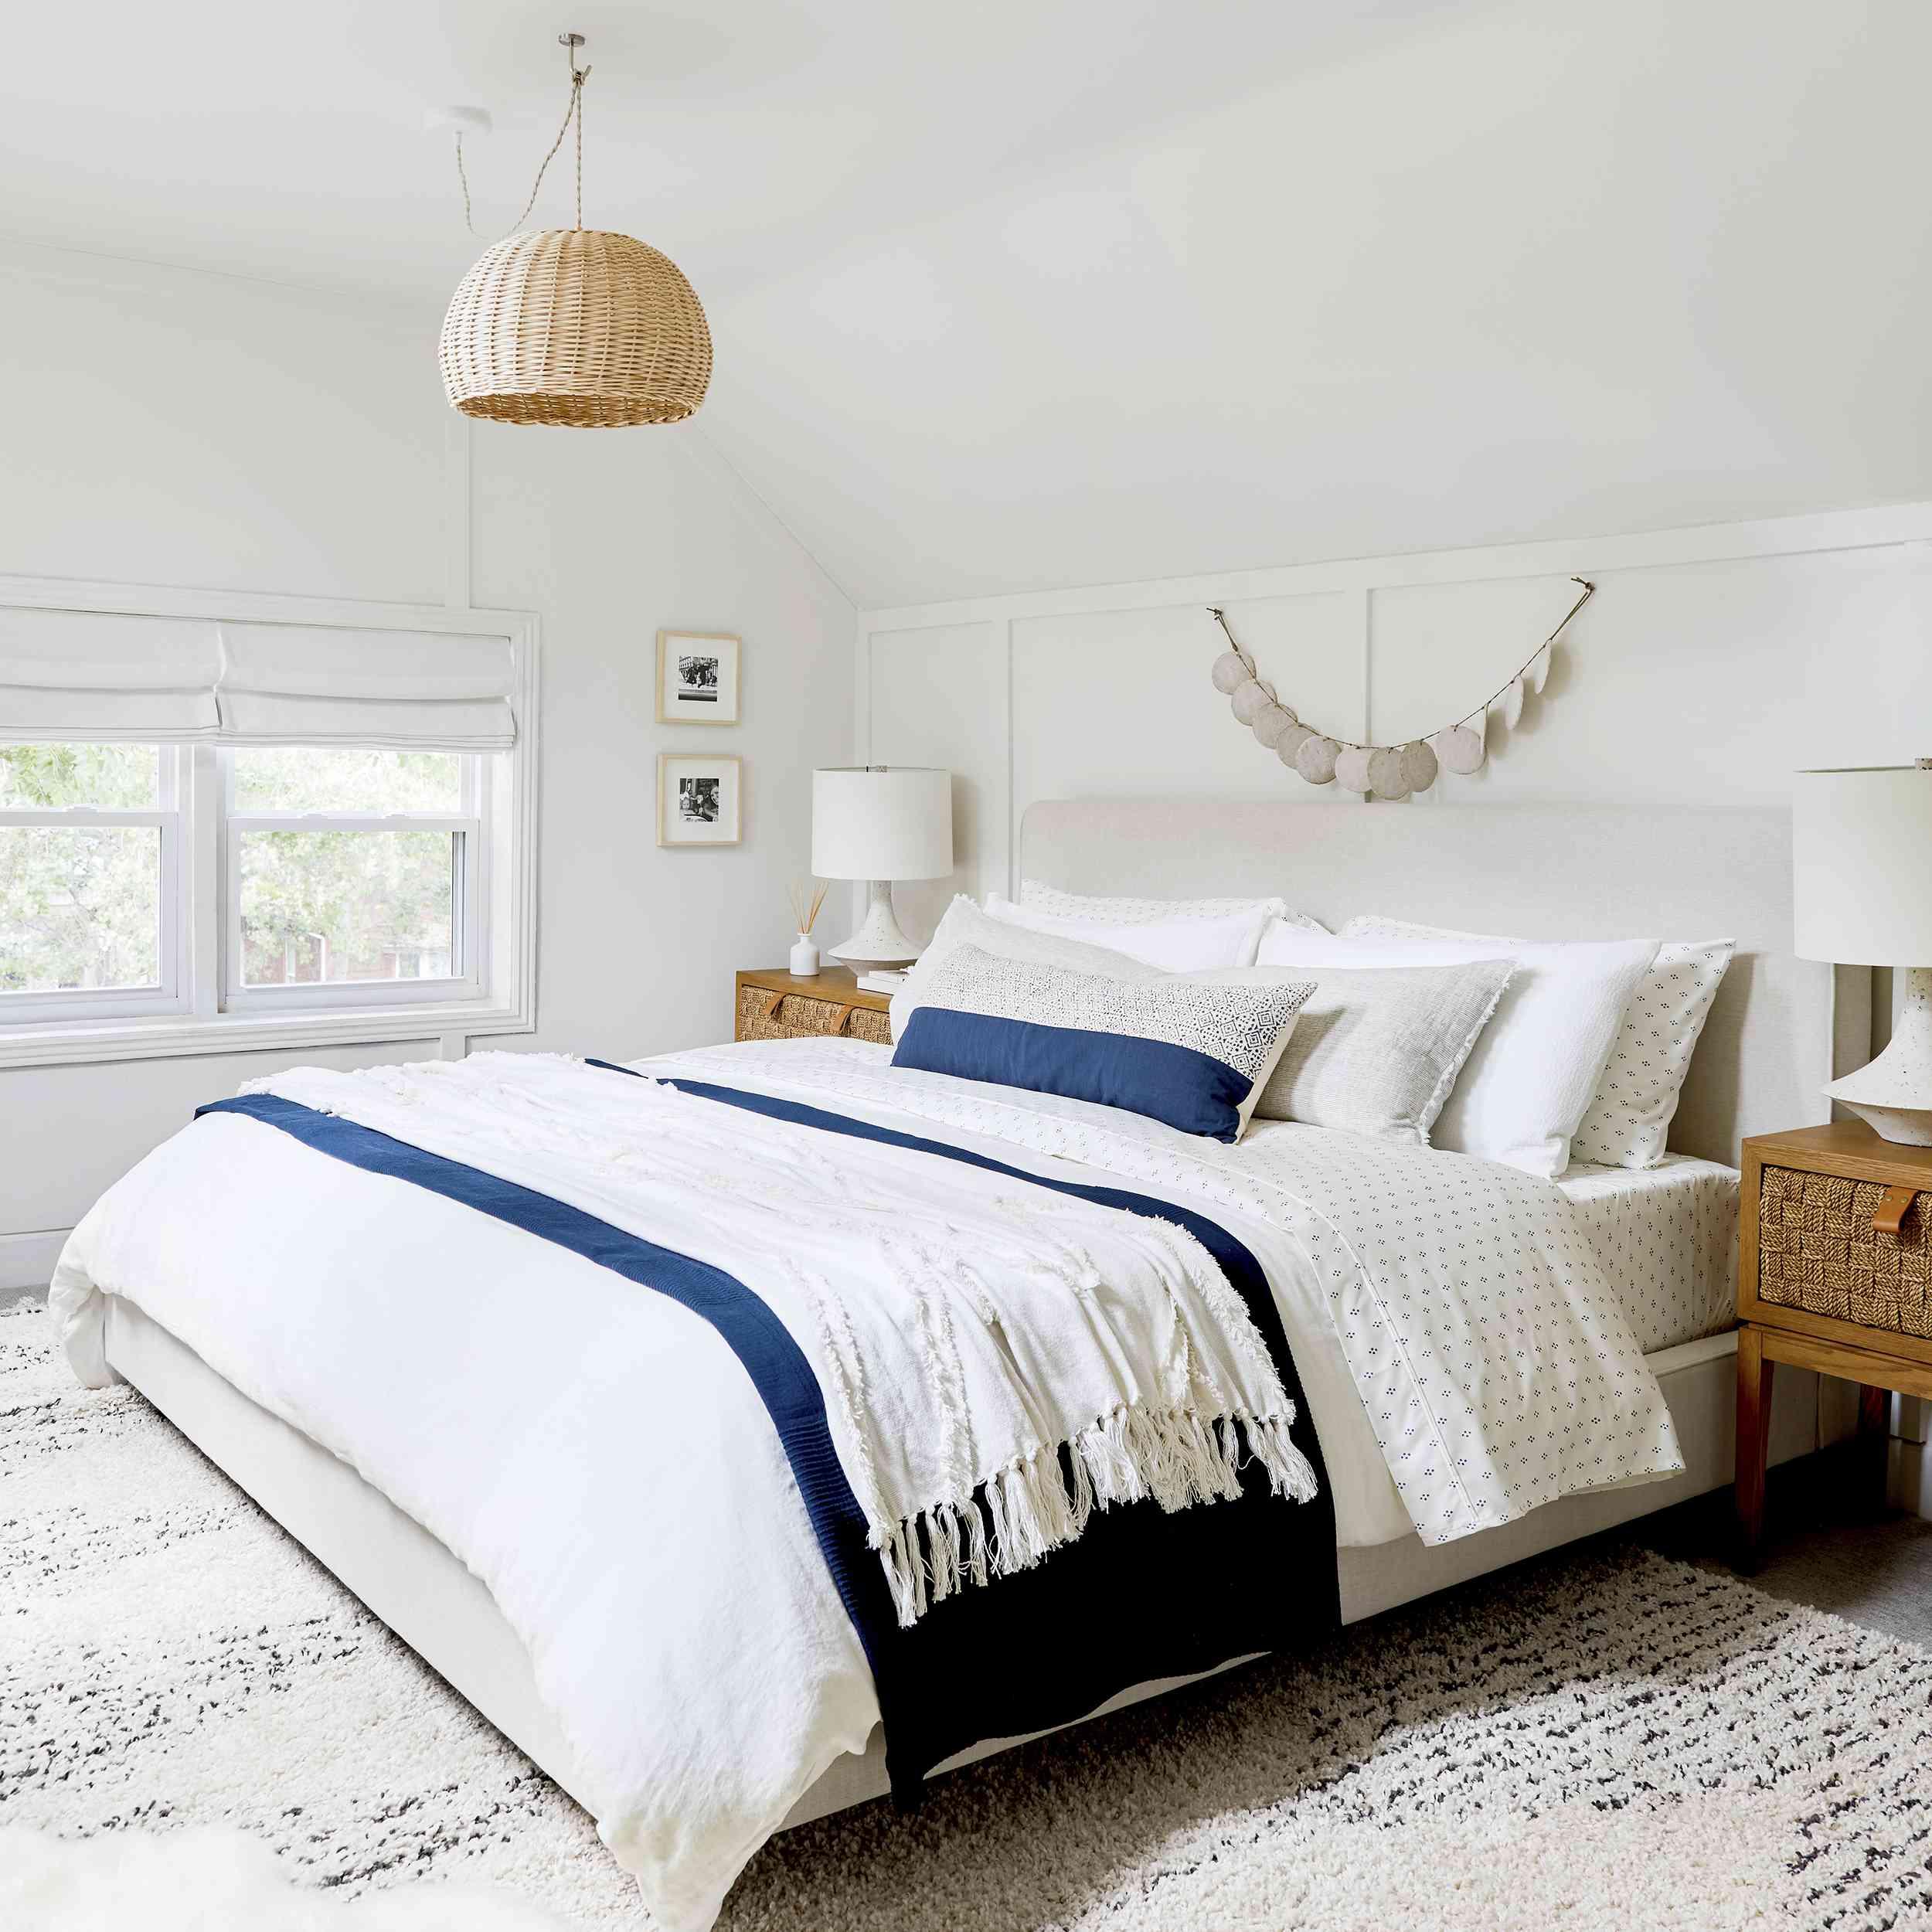 Fresh, white, symmetrical bedroom